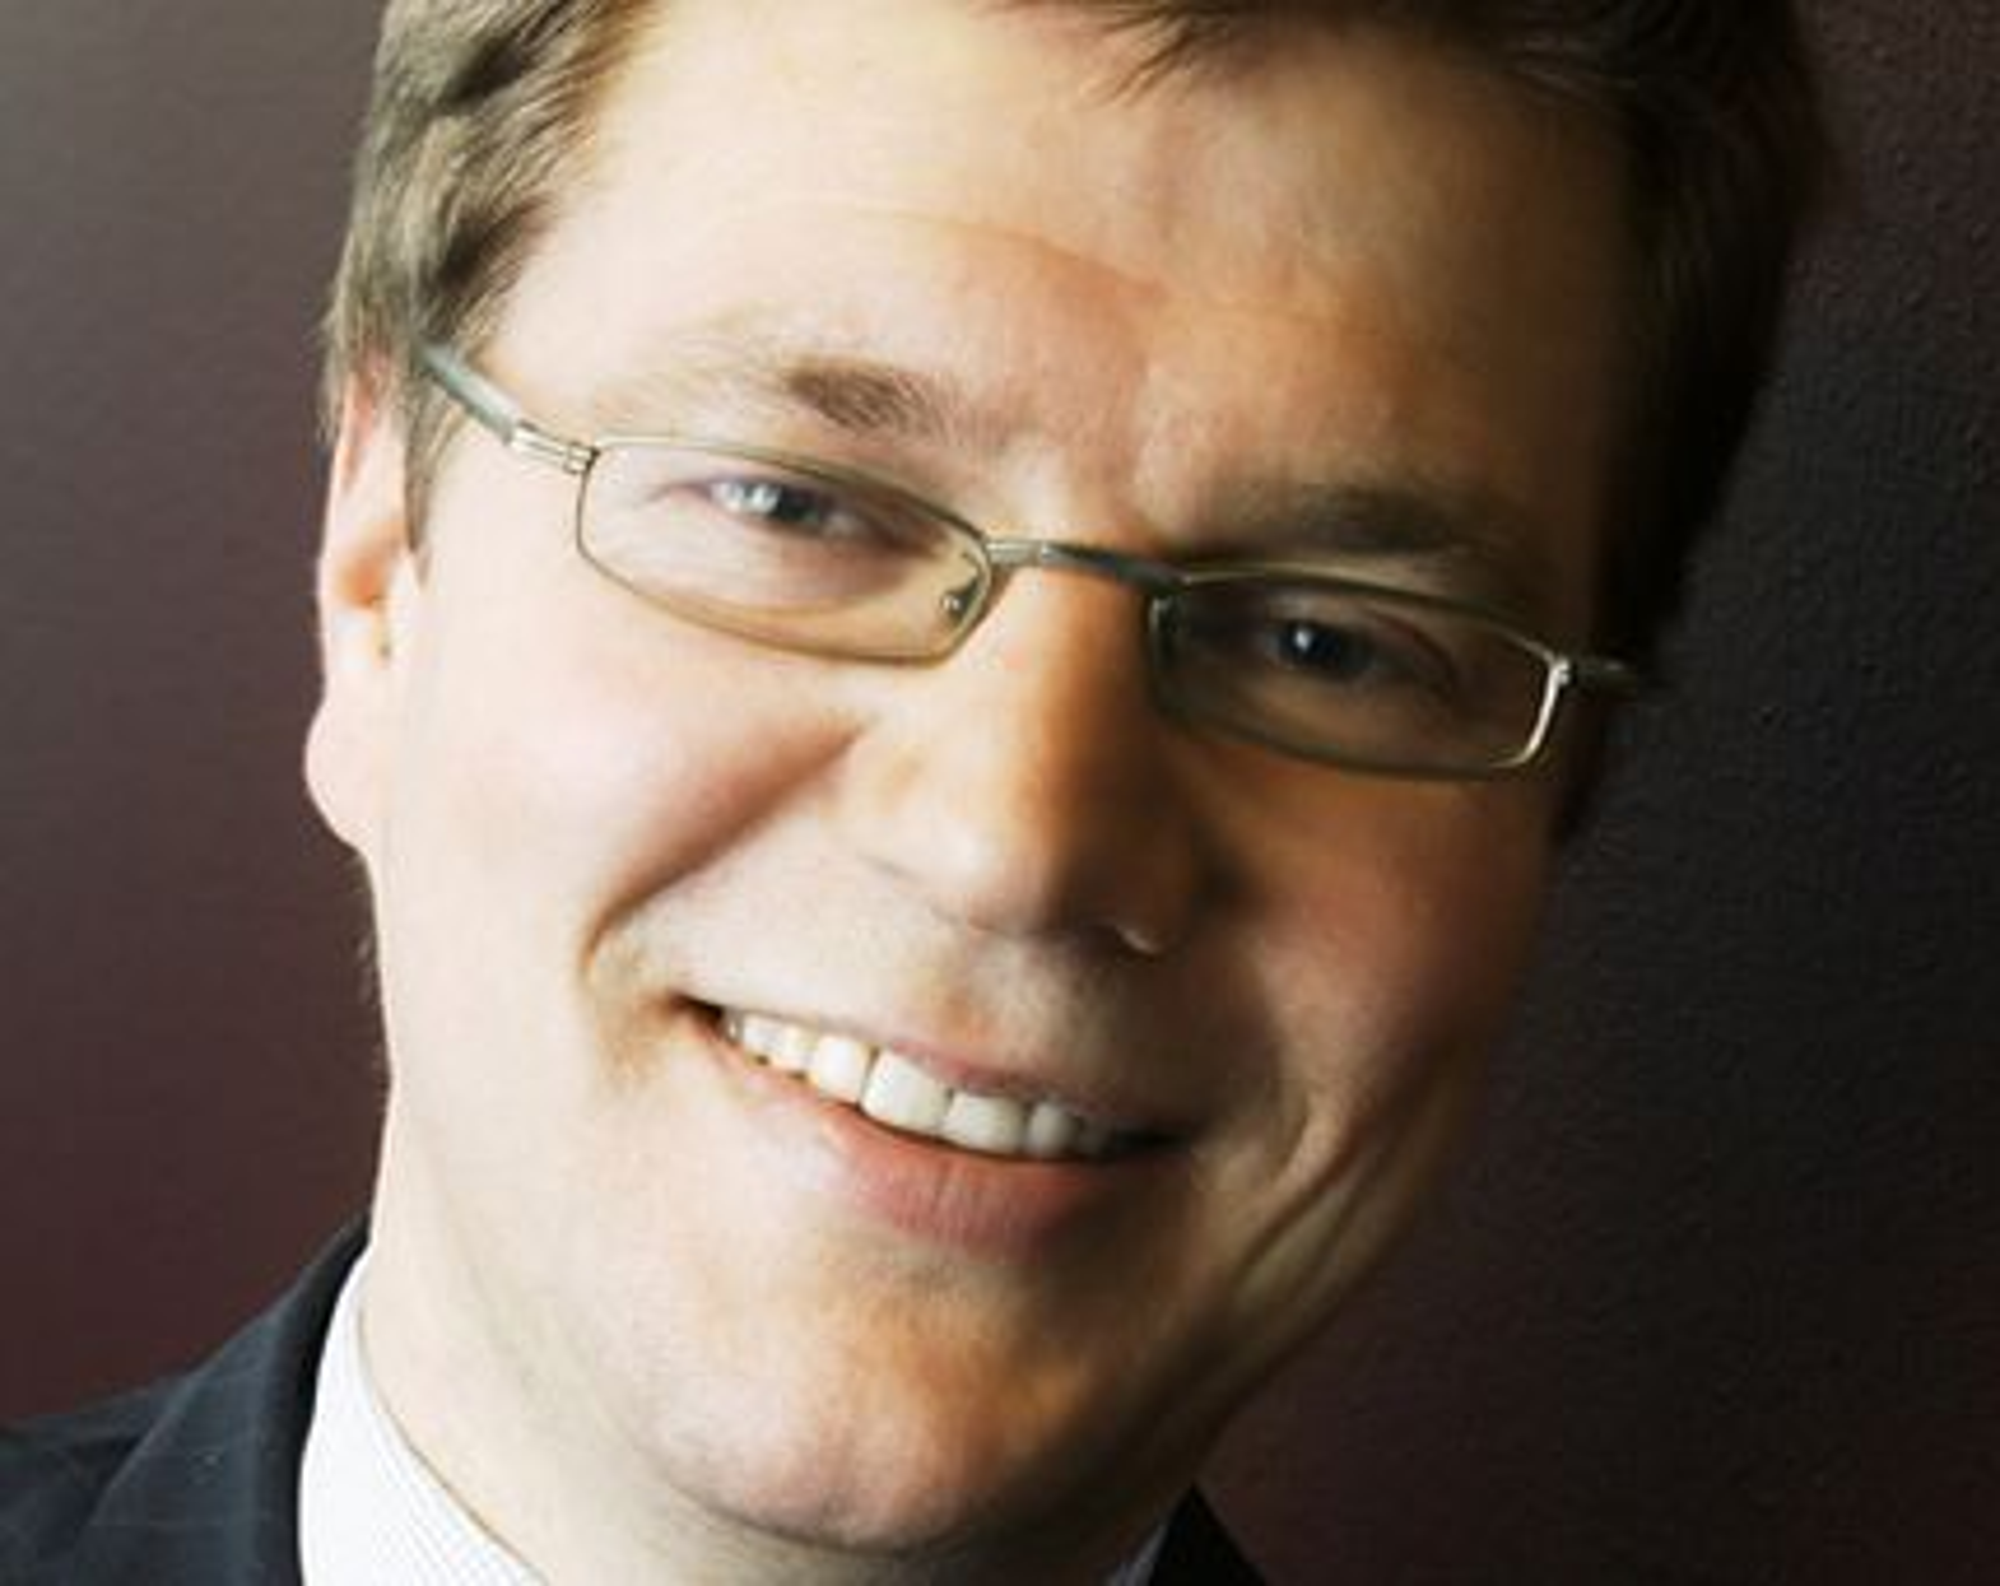 IKKE KONKURRENTER:  - Siden vi fokuser på forskjellige deler av markedet blir vi altså ikke konkurrenter, men selskapene blir selvstendige i salgs- og markedsarbeid. I prosjektsammenheng vil selskapene være partnere der det er naturlig, hevder Kjell André Engen, administrerende direktør i Capgemini Norge.